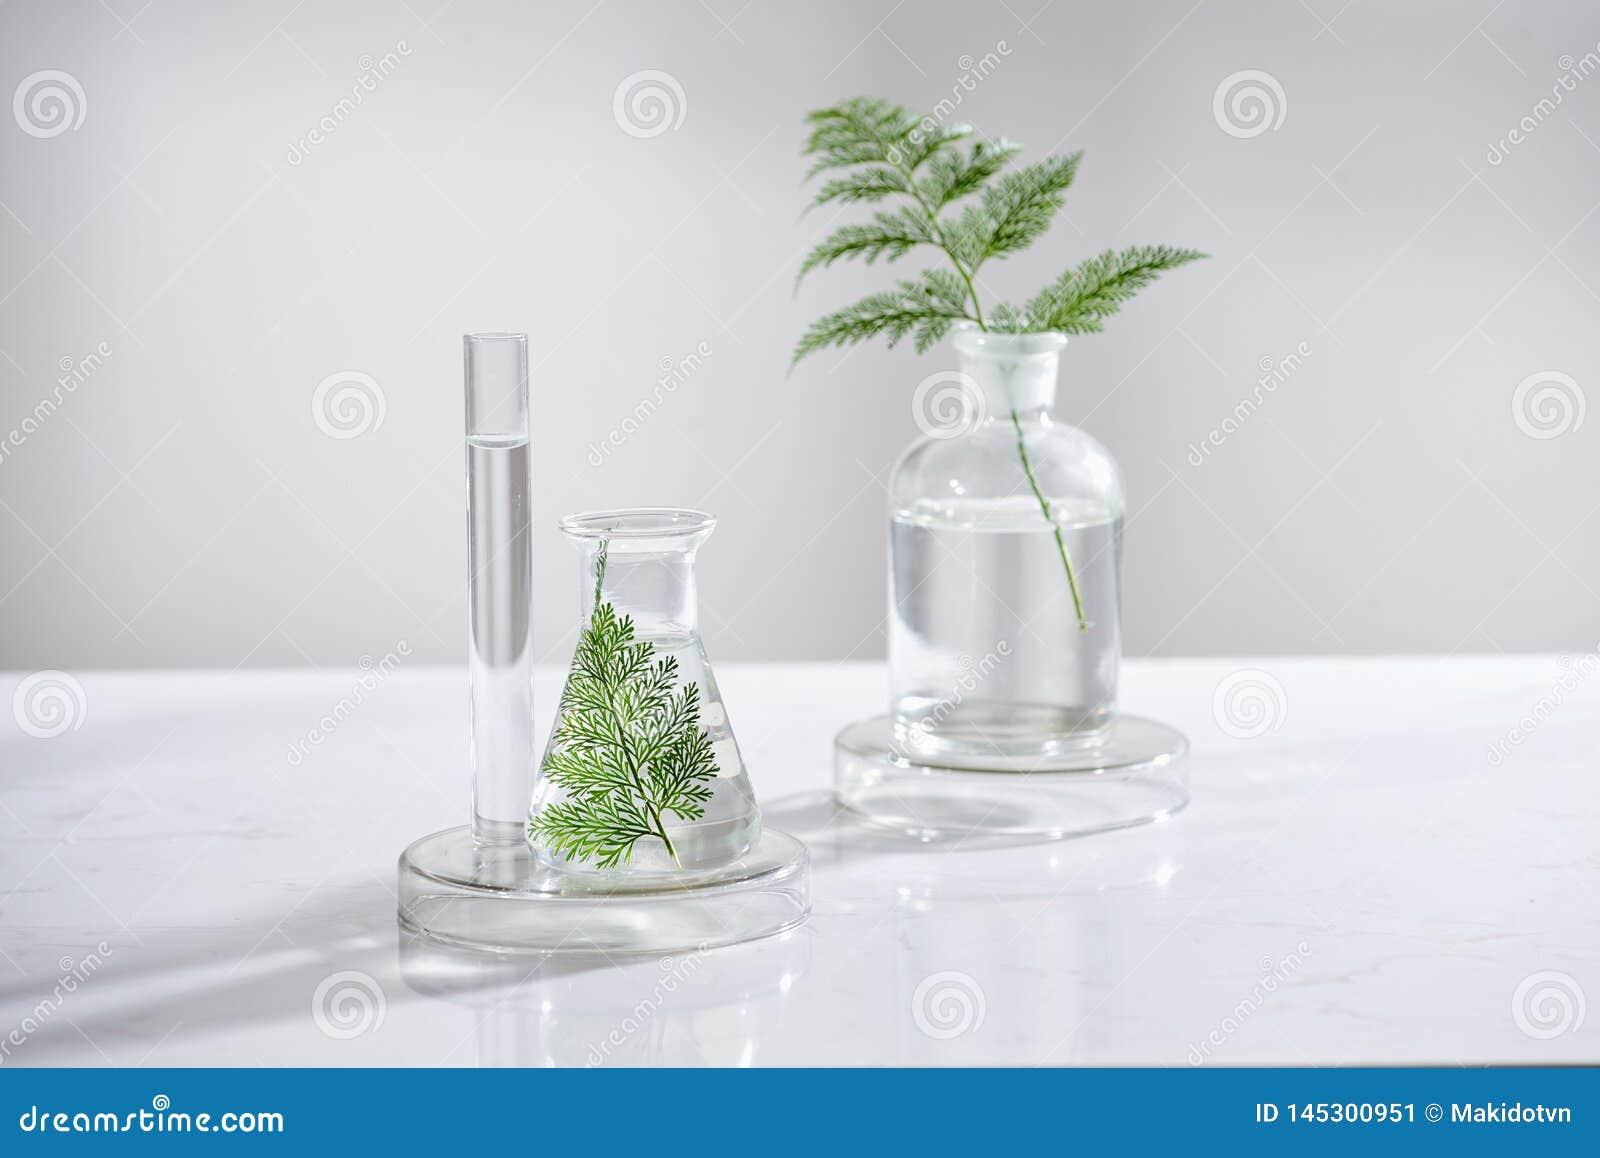 化妆自然skincare和精油芳香疗法 有机自然科学美容品 草本替代医学